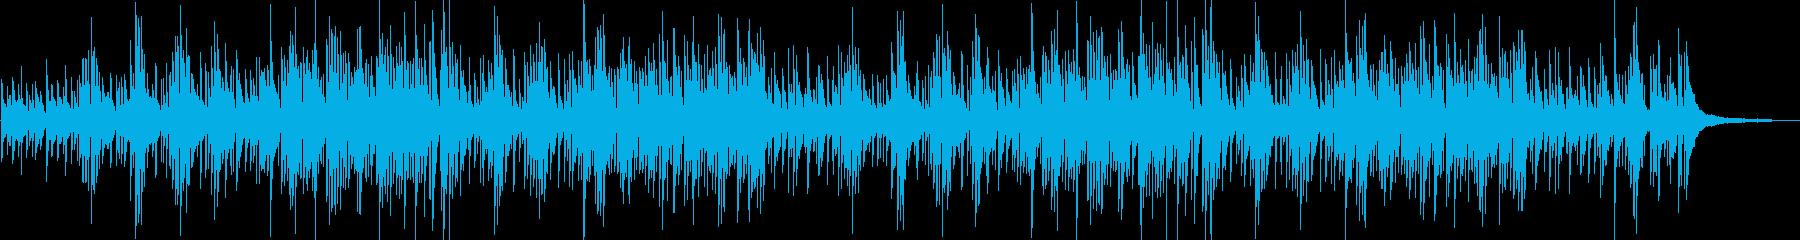 動画・料理 陽気でのほほんピアノポップスの再生済みの波形